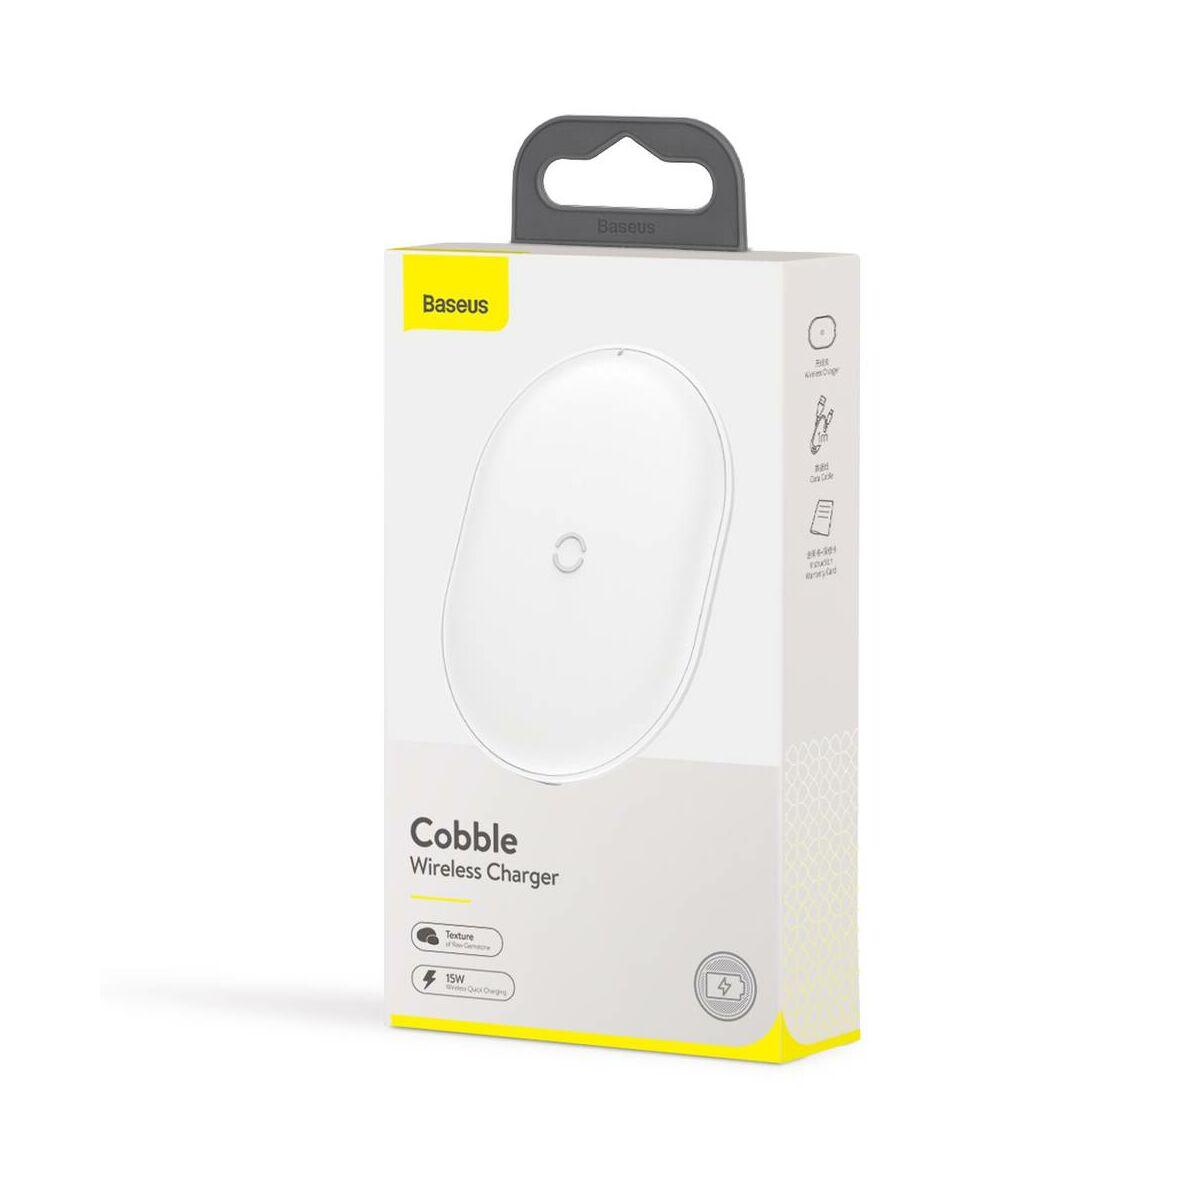 Baseus vezeték nélküli töltő, Cobble 15W, fehér (WXYS-02)